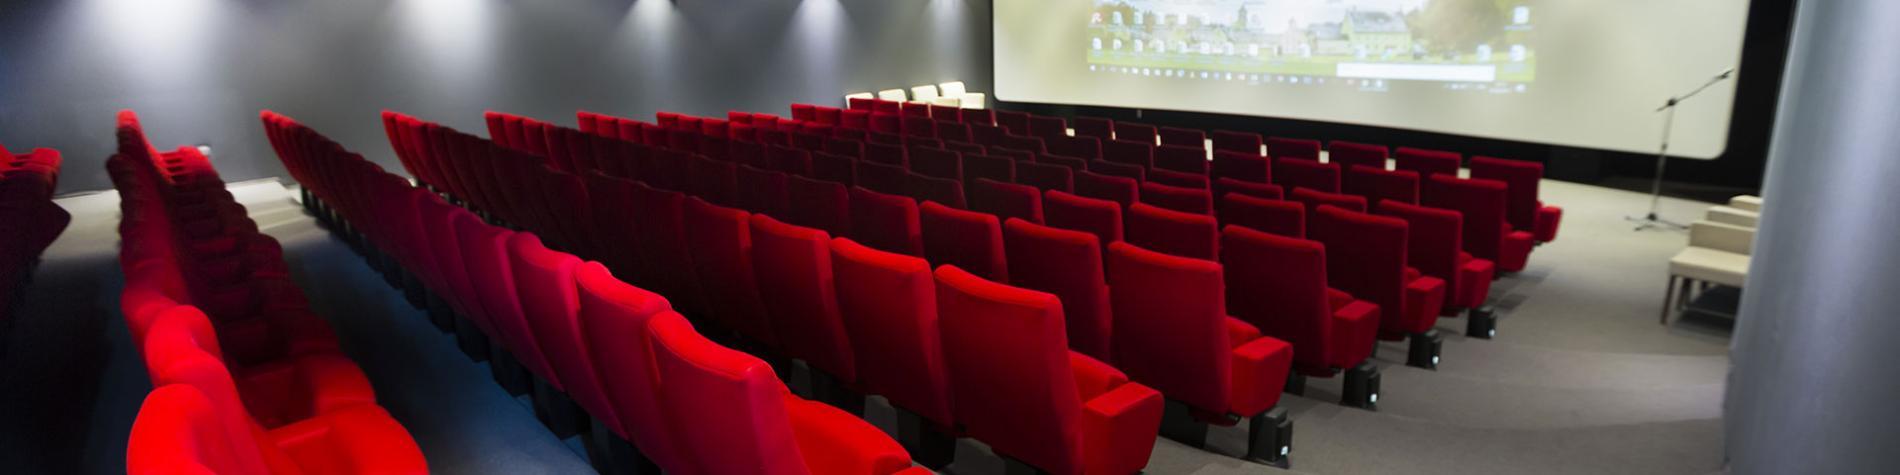 salle avec siège rouge et grand écran